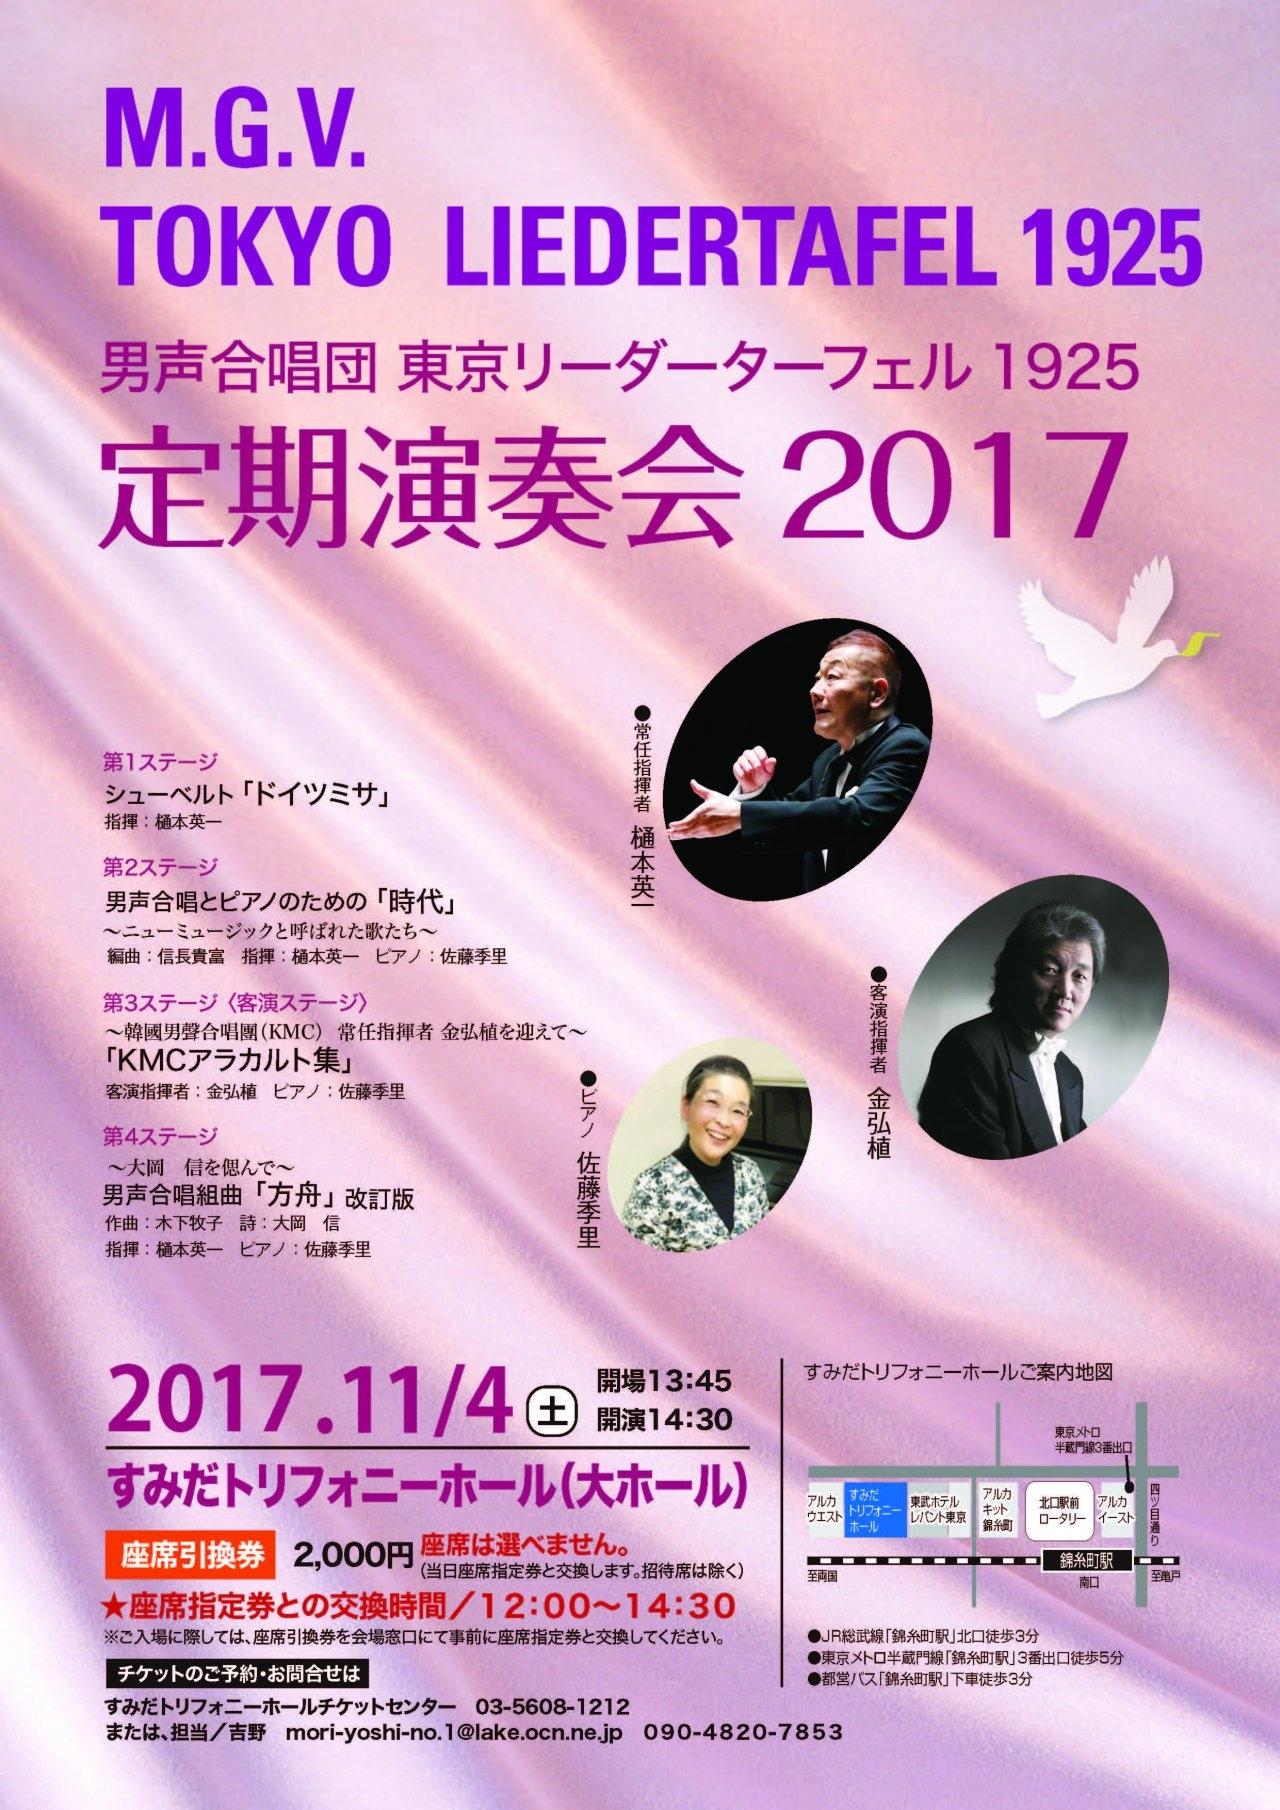 男声合唱団東京リーダーターフェル1925 定期演奏会2017 当日に座席指定券と交換することになったチラシです